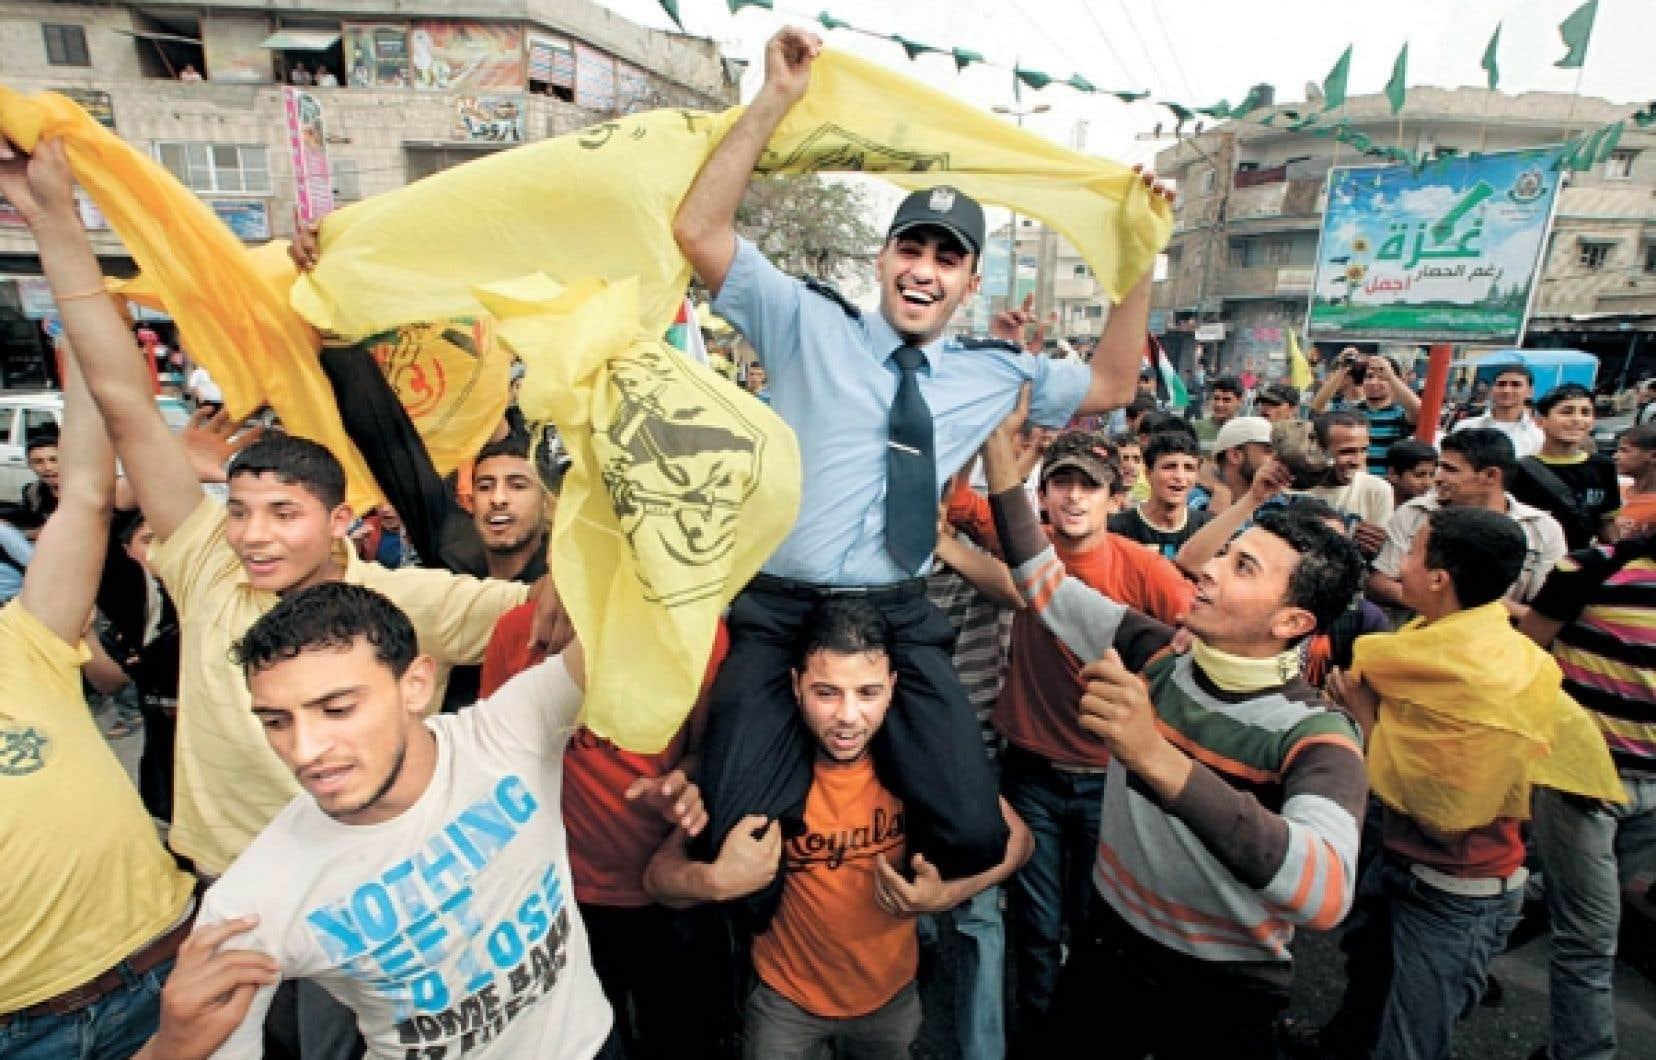 C'était la fête hier dans les rues de Rafah, dans la bande de Gaza, après l'annonce de l'unité retrouvée entre Palestiniens. <br />